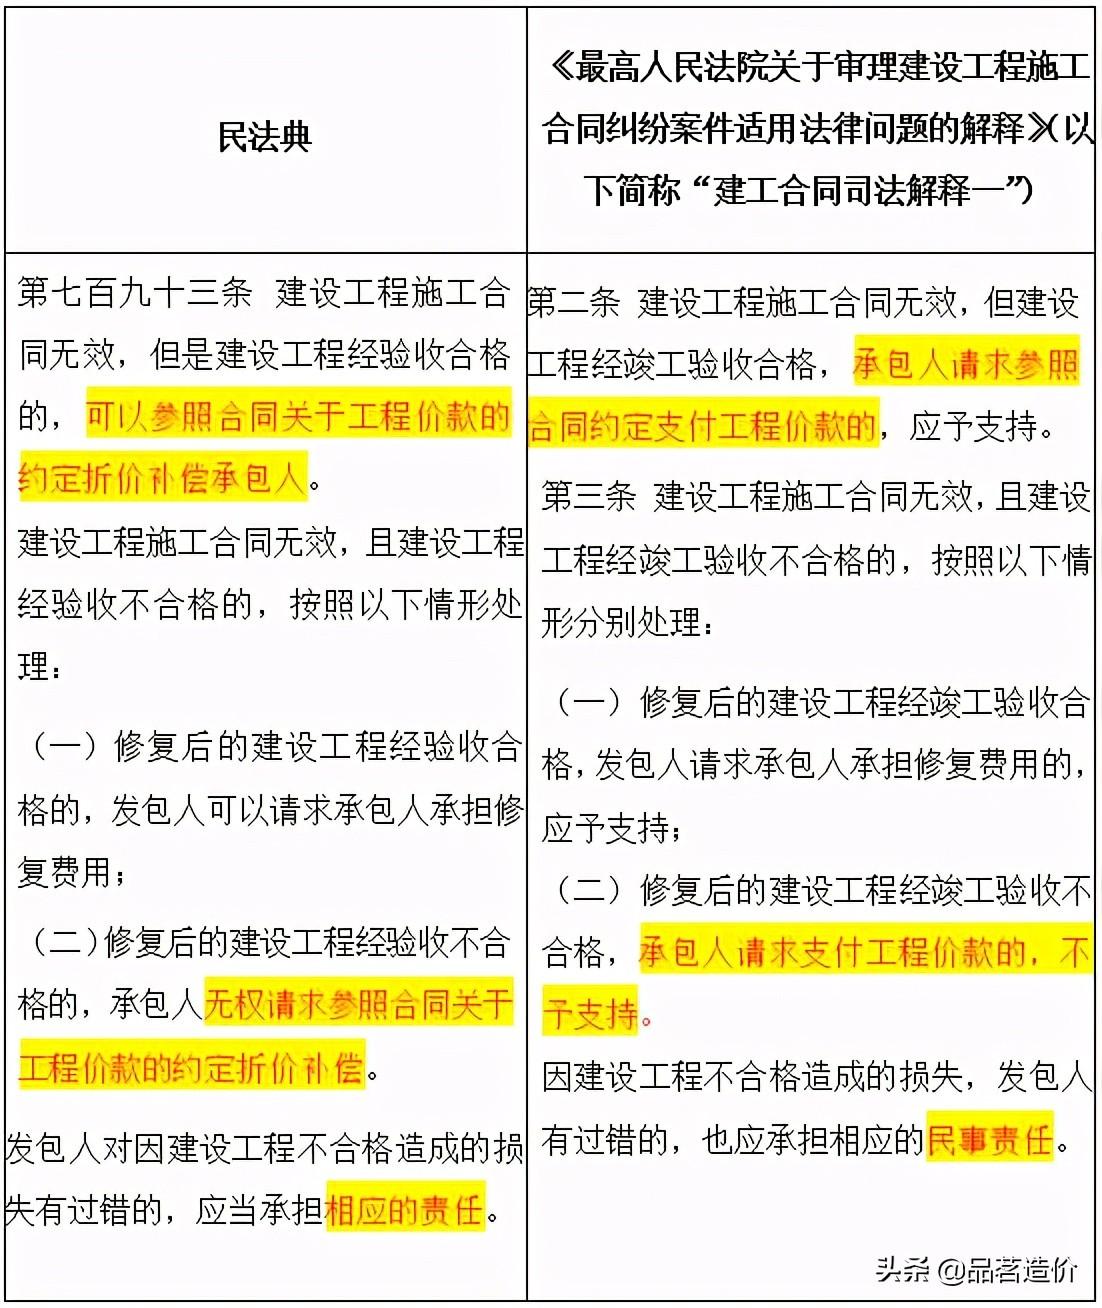 《民法典》合同编 | 建设工程合同的八大方面、119个疑难问题解答